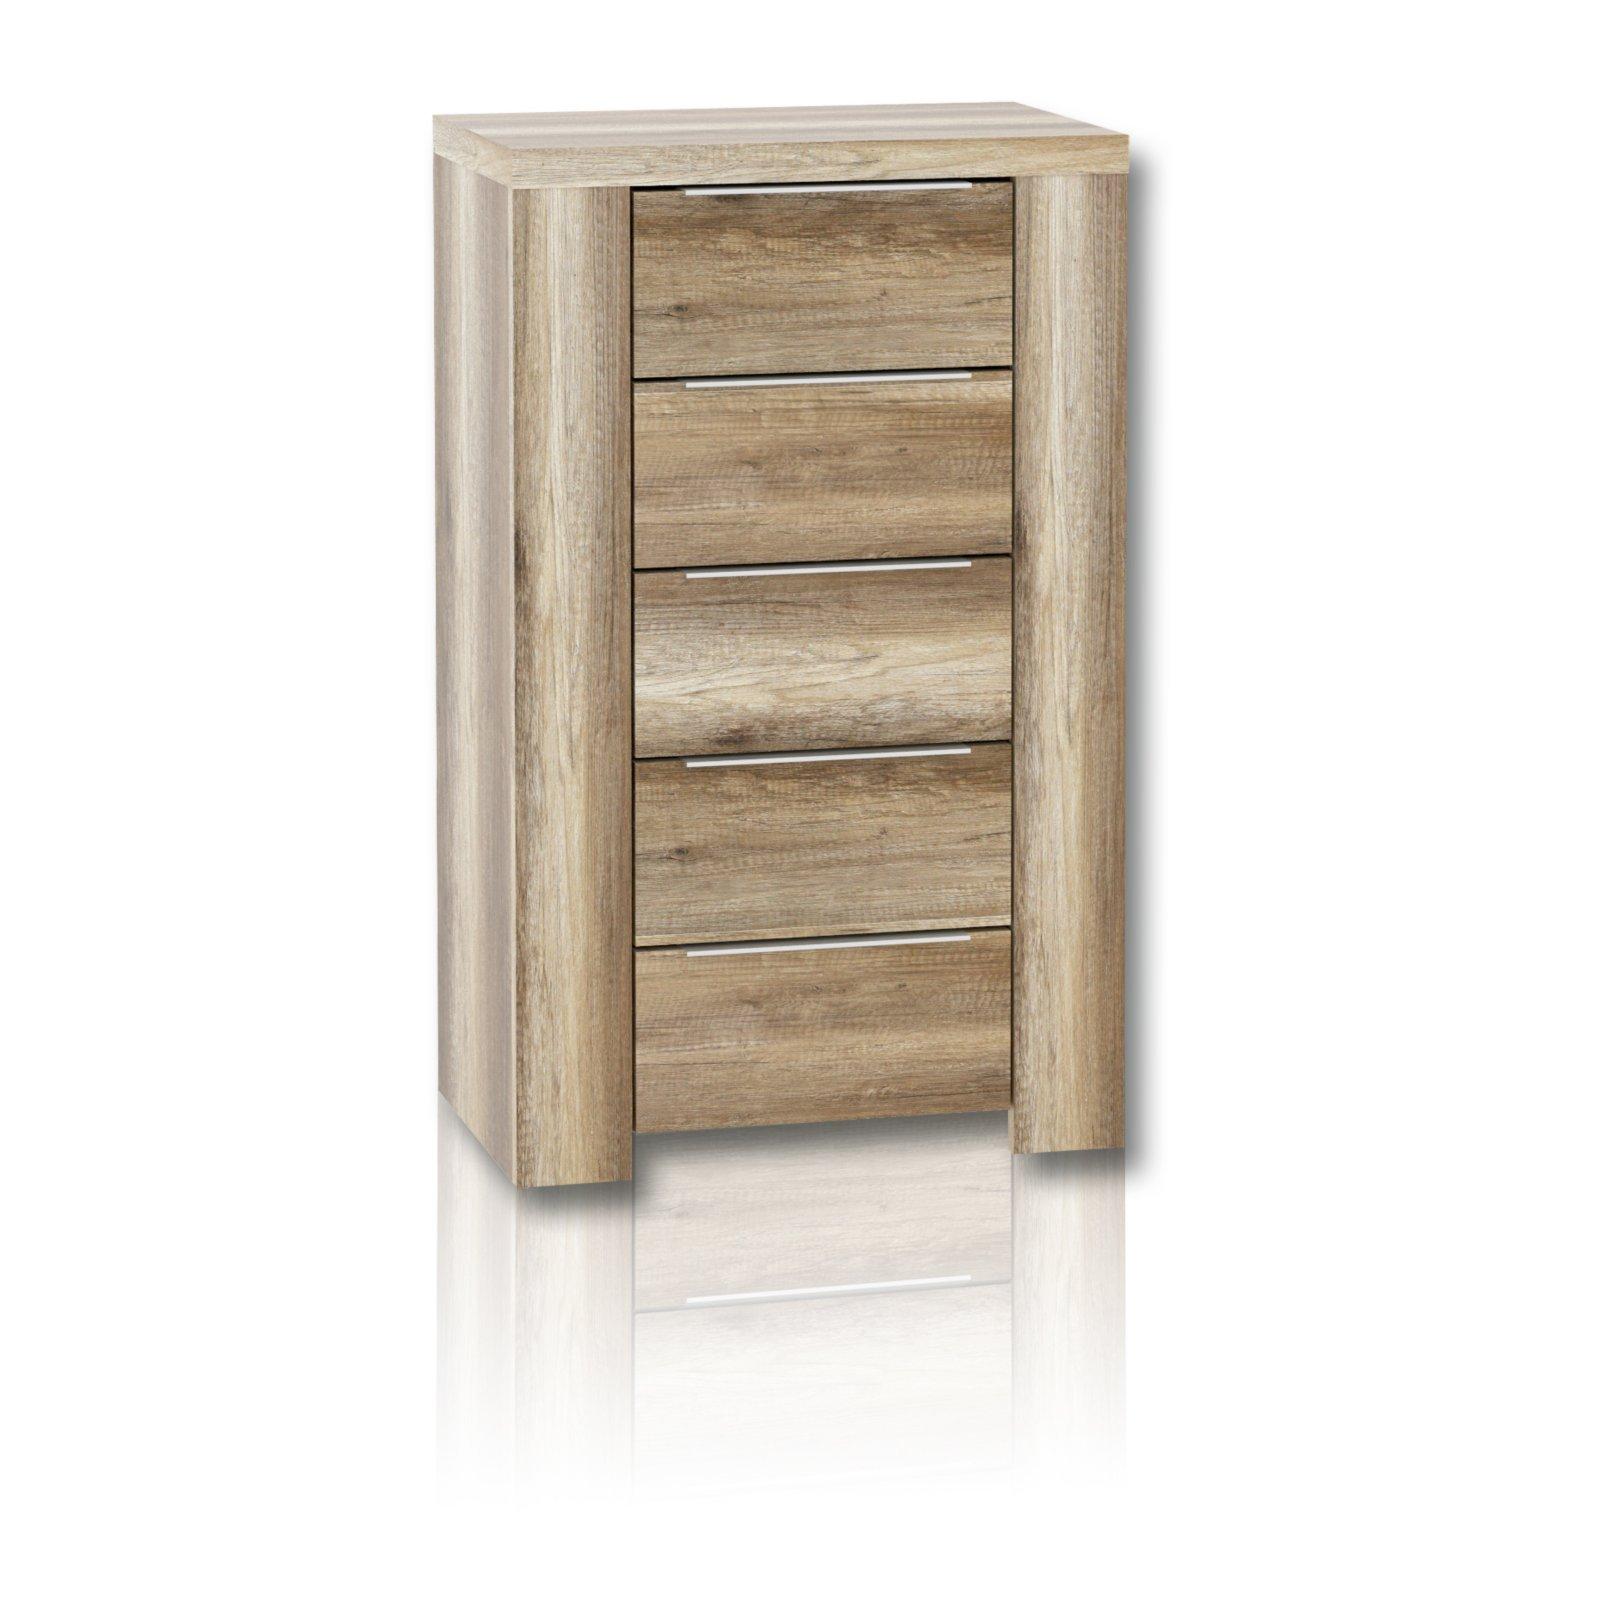 kommode calpe eiche antik 105 cm h he kommoden sideboards m bel roller m belhaus. Black Bedroom Furniture Sets. Home Design Ideas